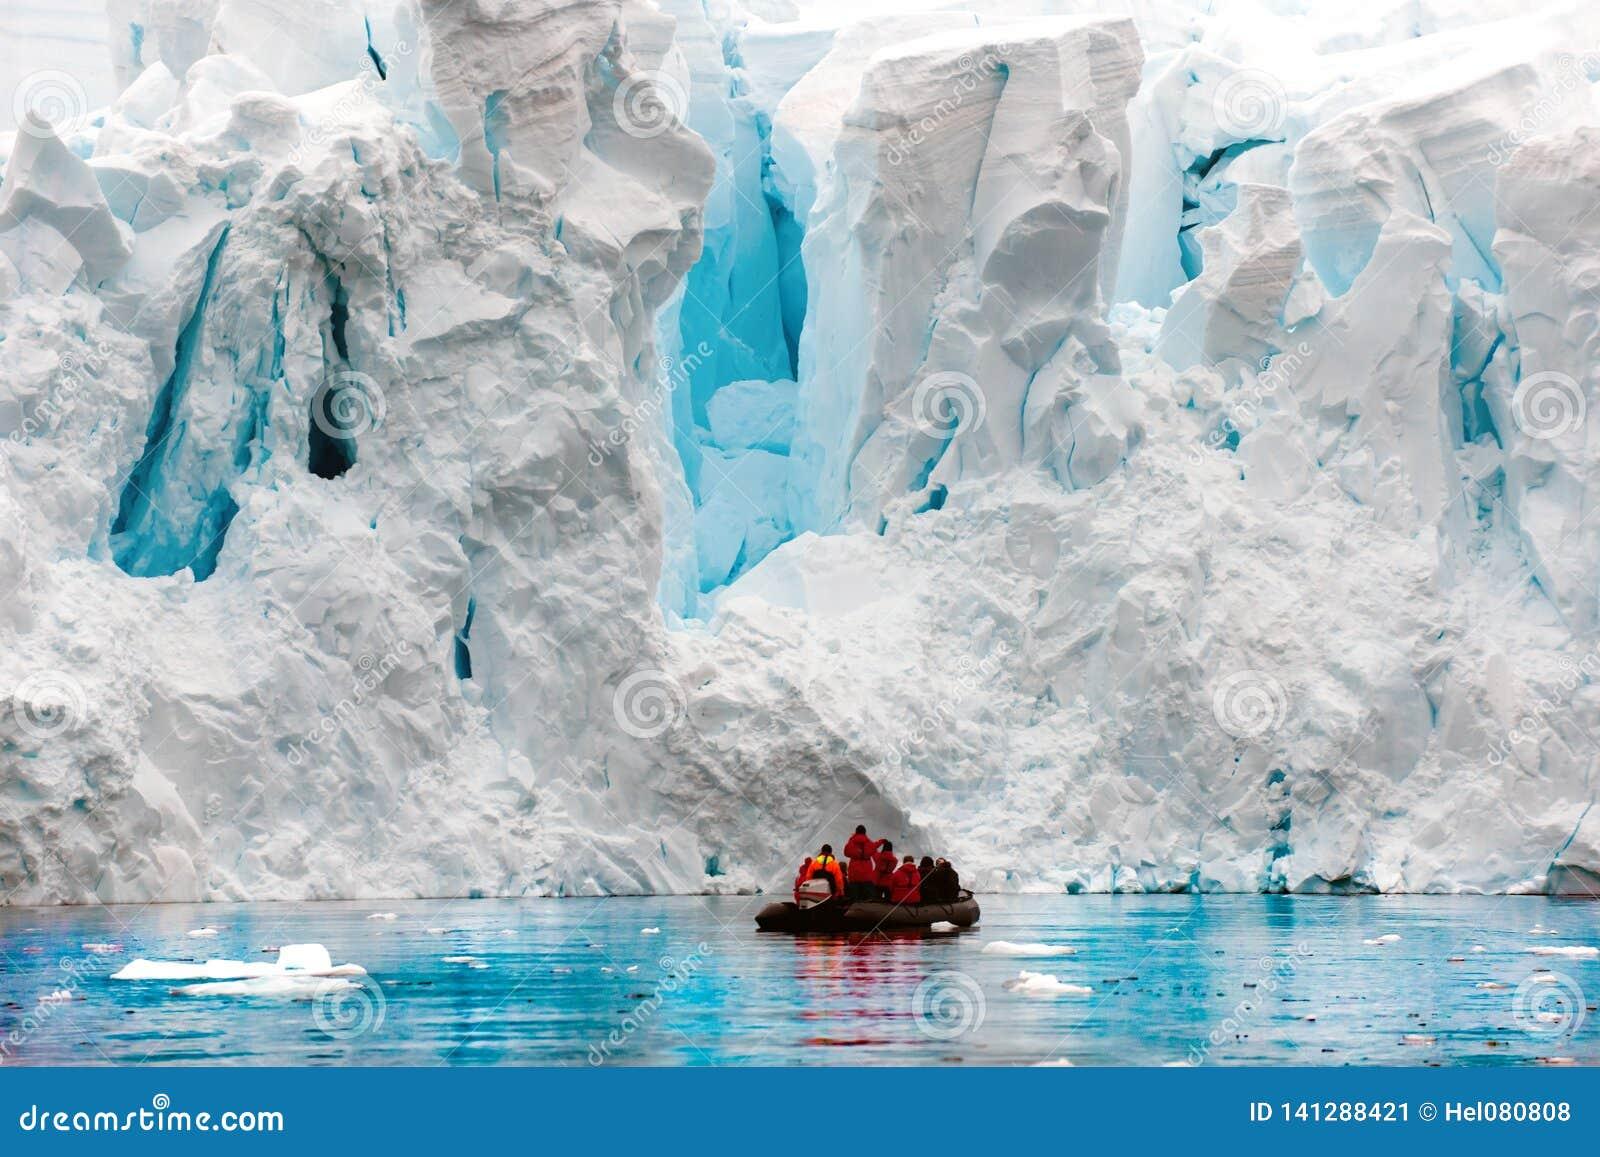 Parto del ghiacciaio nell ANTARTIDE, la gente nello zodiaco davanti alla scarpata del ghiacciaio